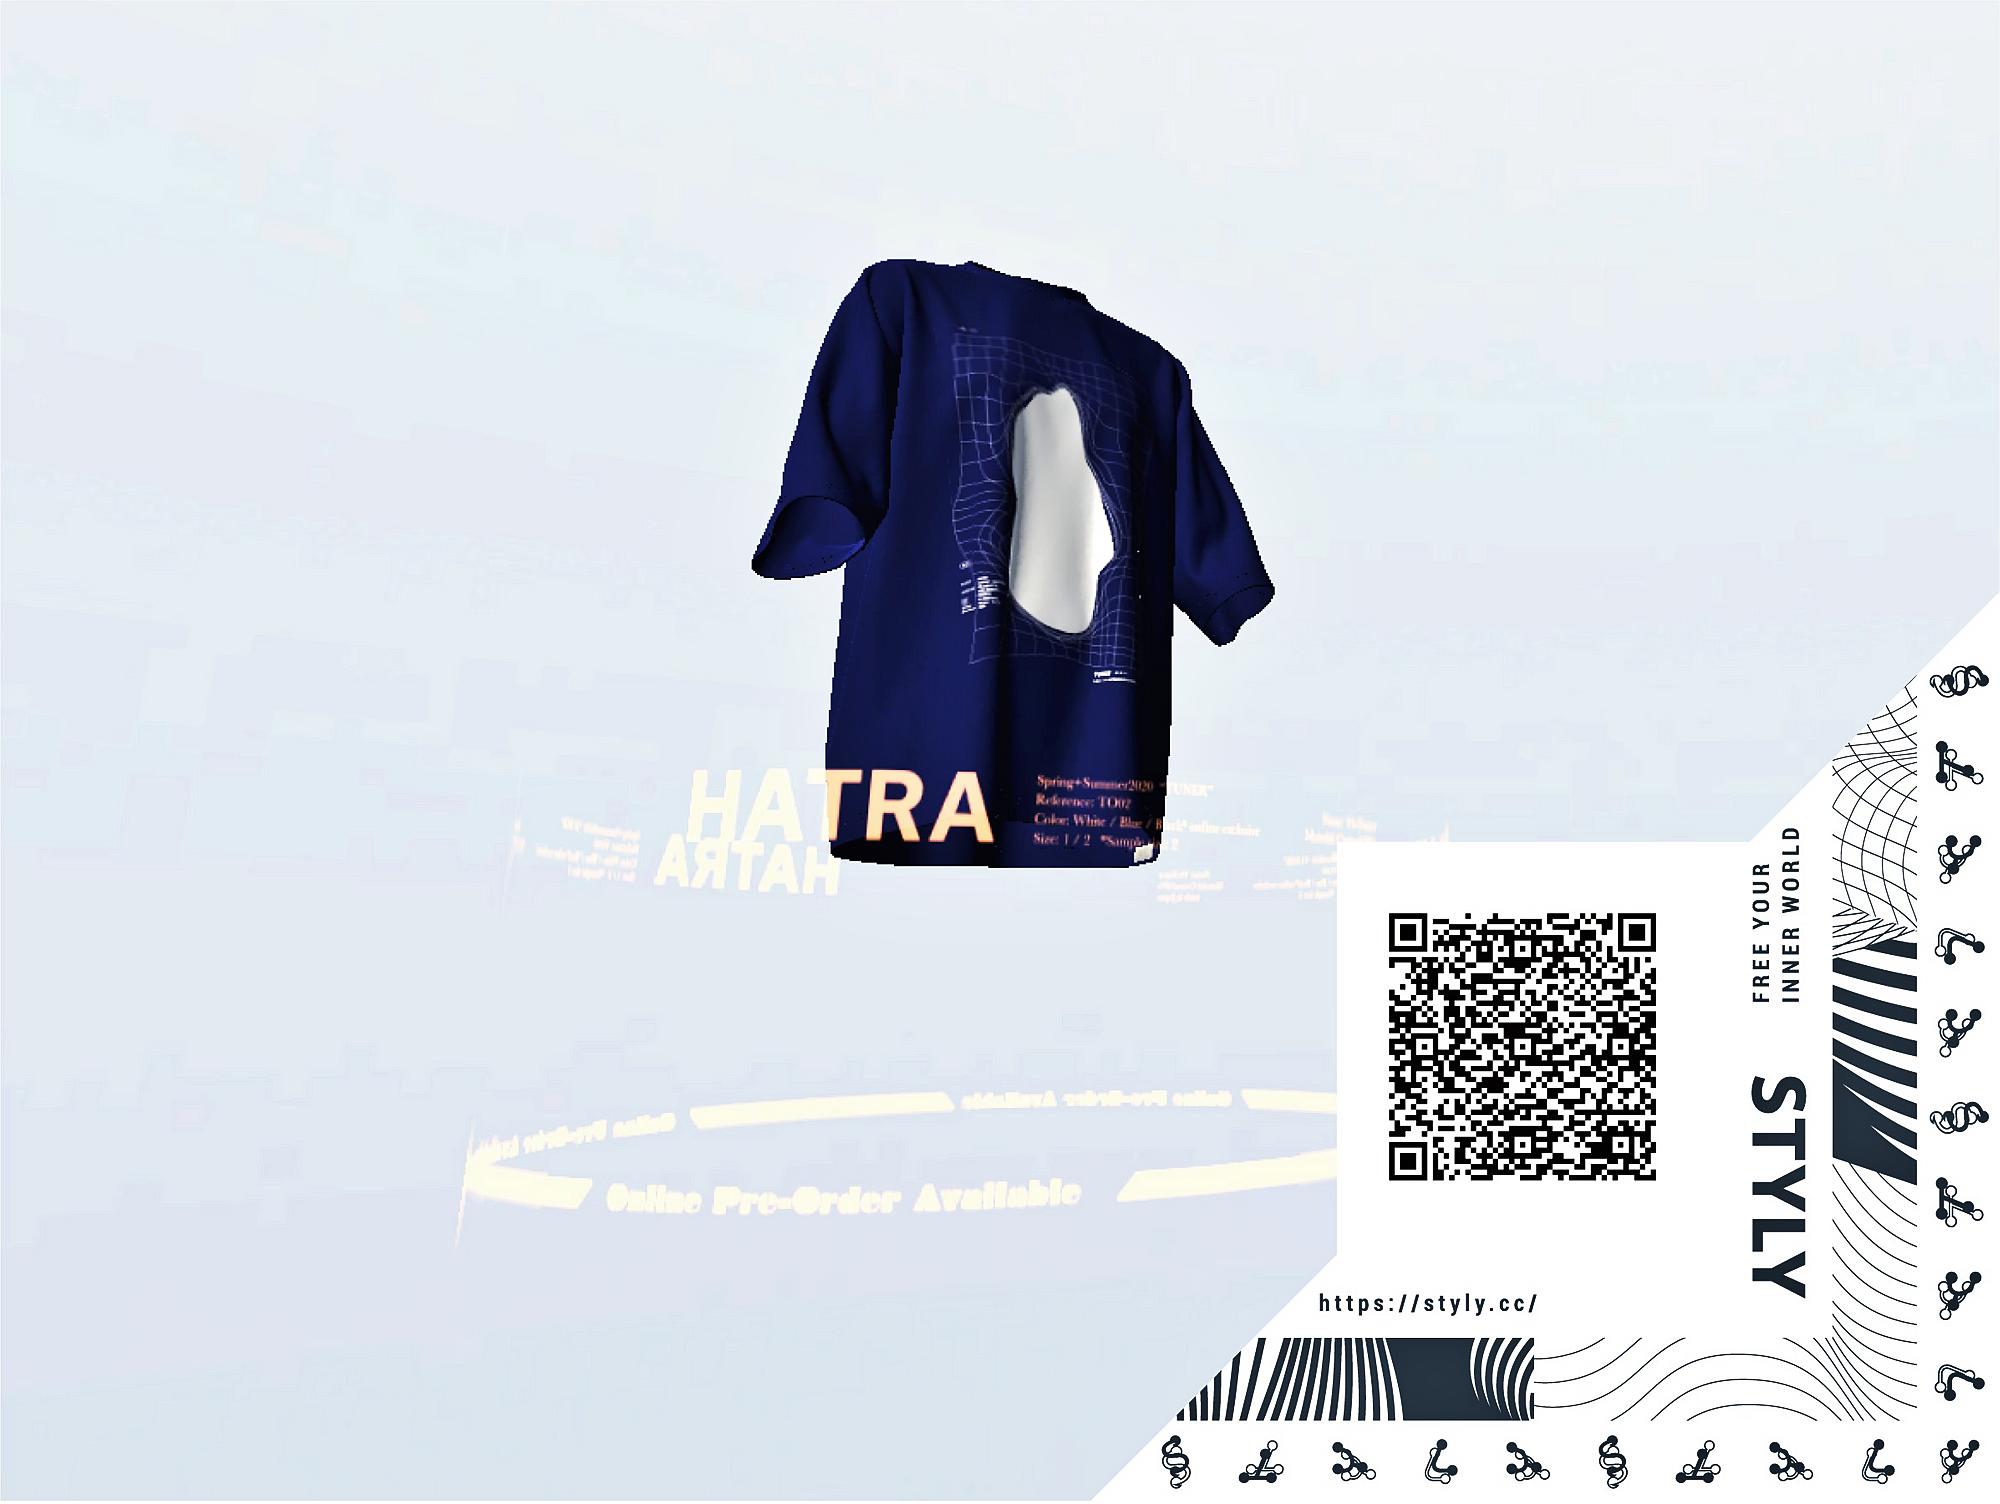 ARアプリ「STYLY」×ファッションブランドの「HATRA」がコラボ、新作アイテムのルックを3Dで閲覧できる